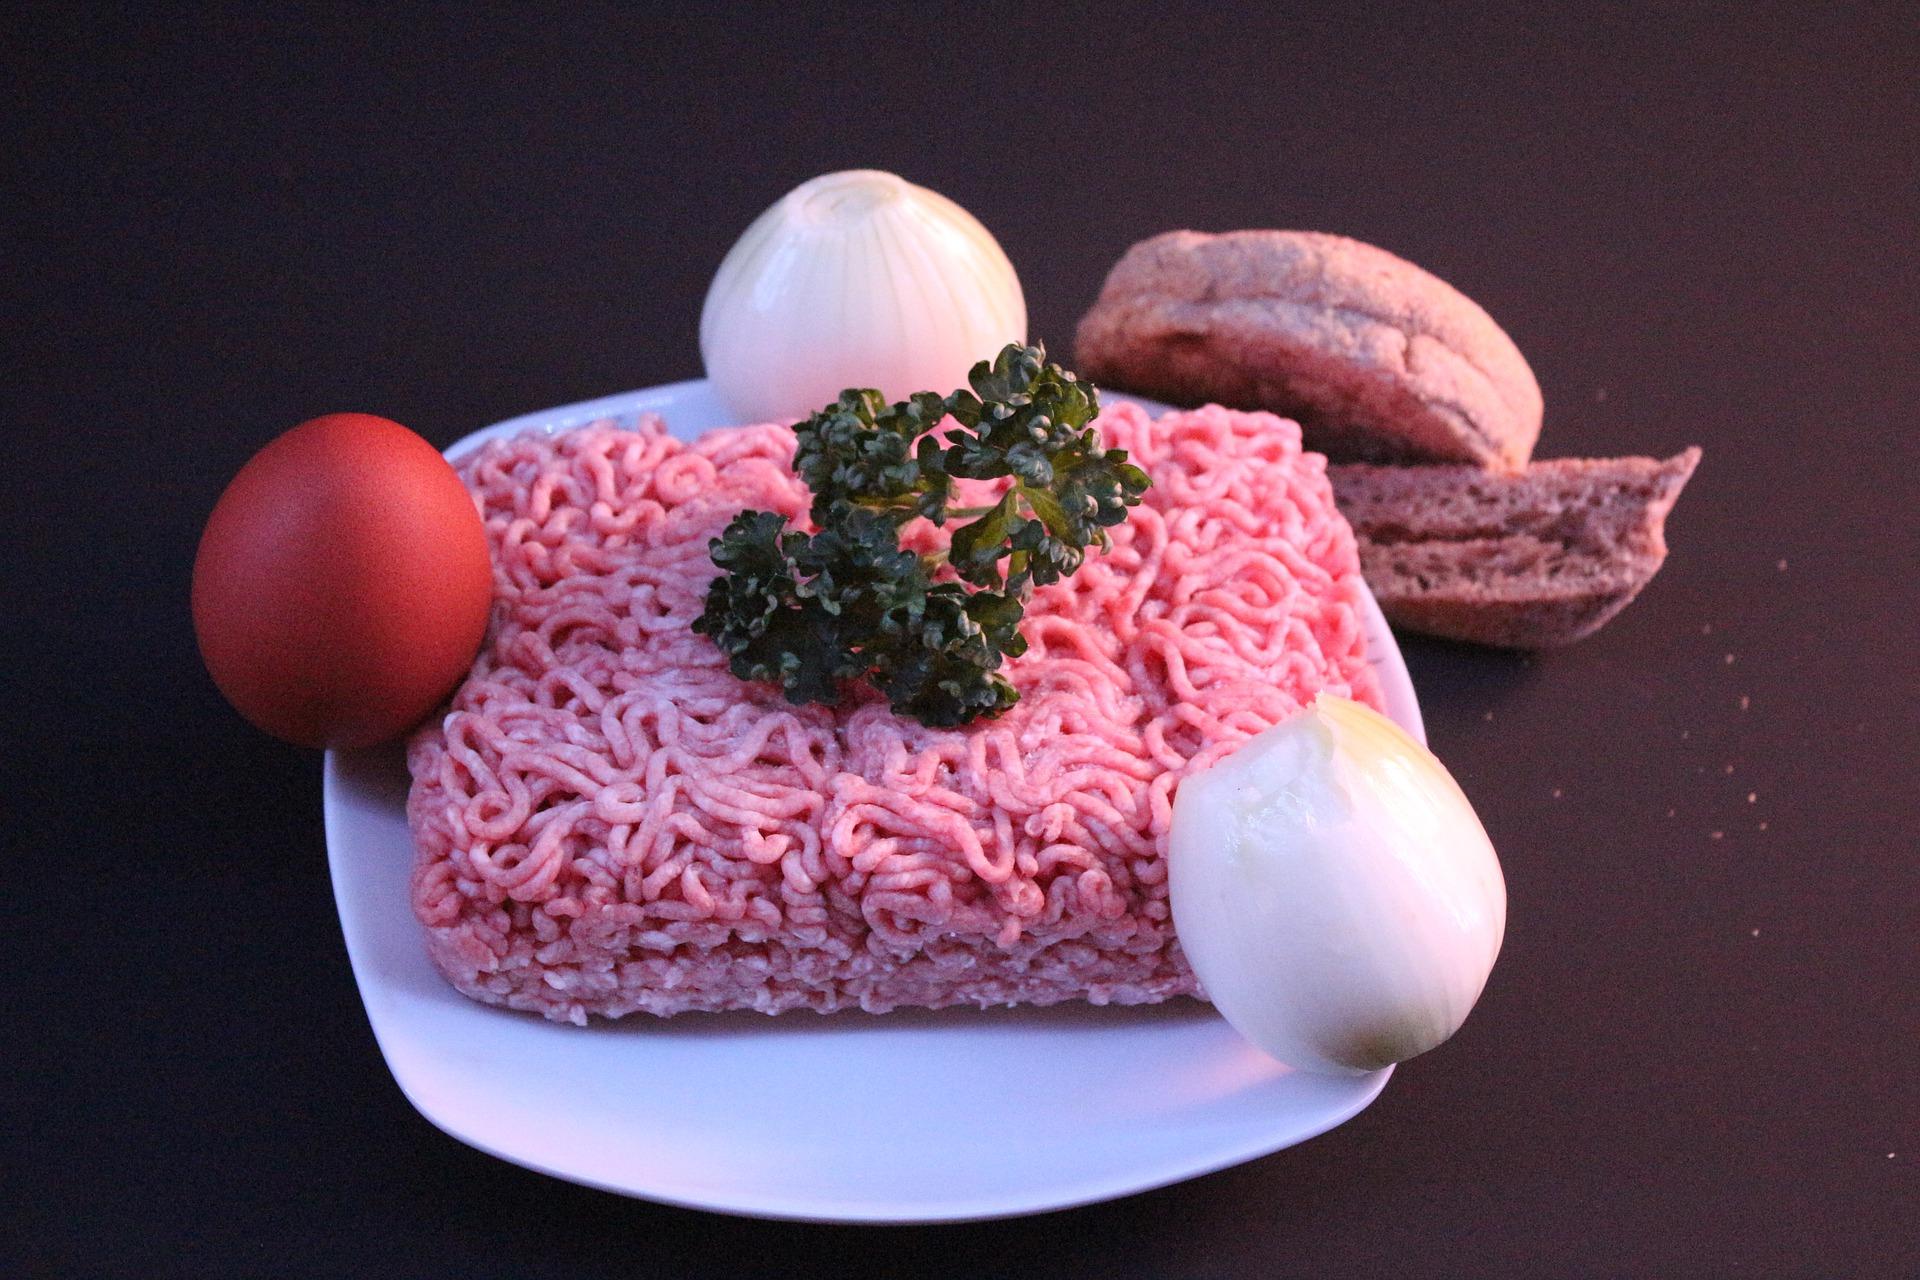 Salmonella w mięsie. Lidl i Biedronka wycofują je ze sprzedaży  - Zdjęcie główne